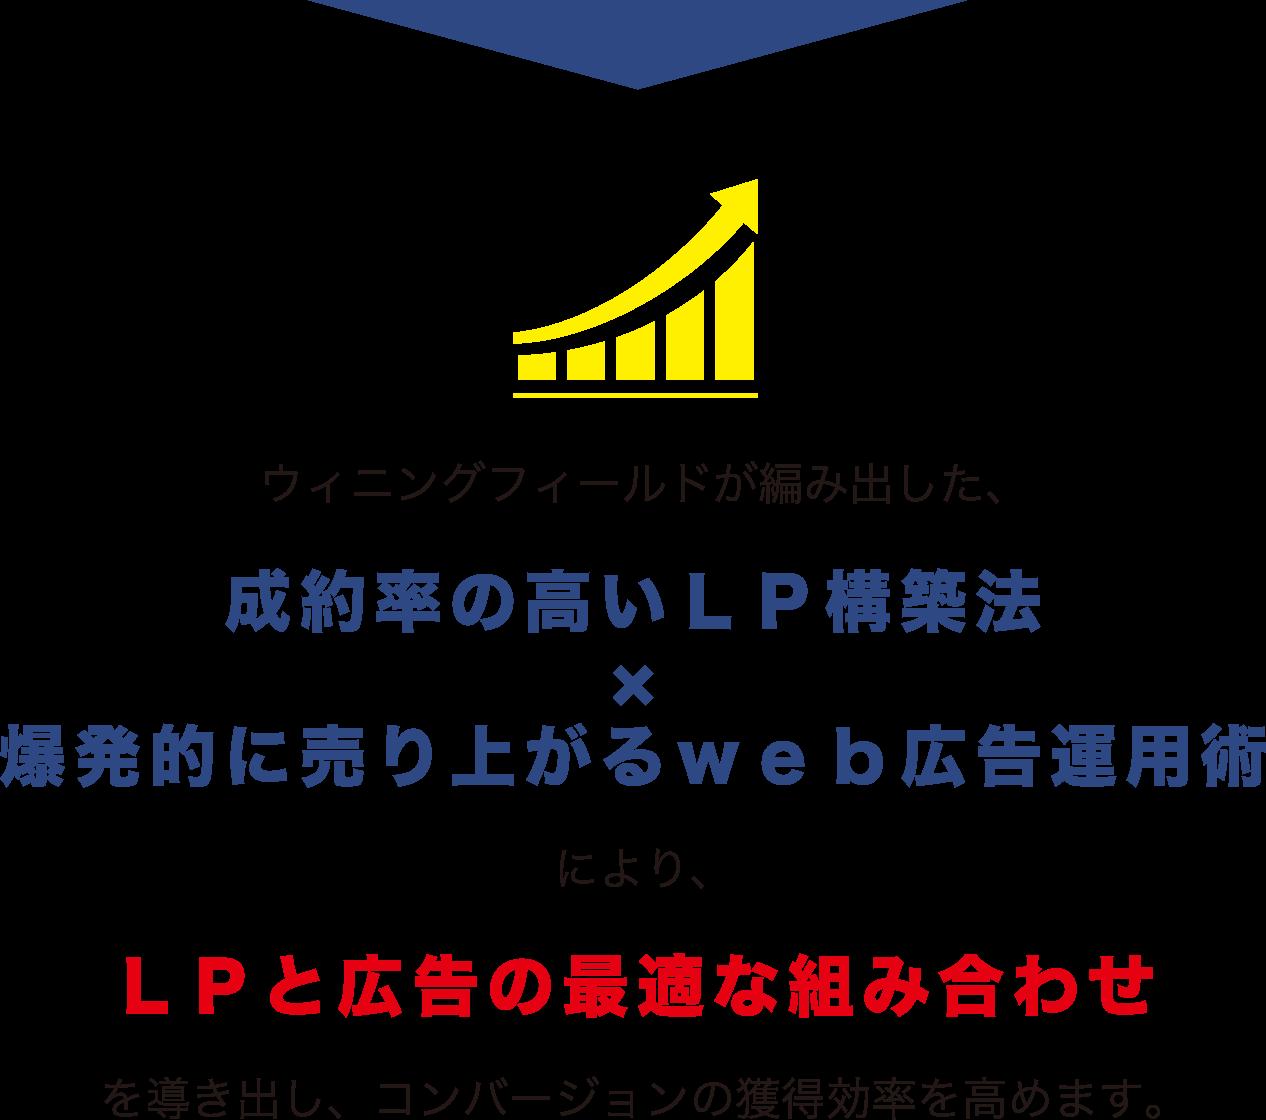 ウィニングフィールドが編み出した、成約率の高いLP構築法×爆発的に売り上がるweb広告運用術により、LPと広告の最適な組み合わせを導き出し、コンバージョンの獲得効率を高めます。